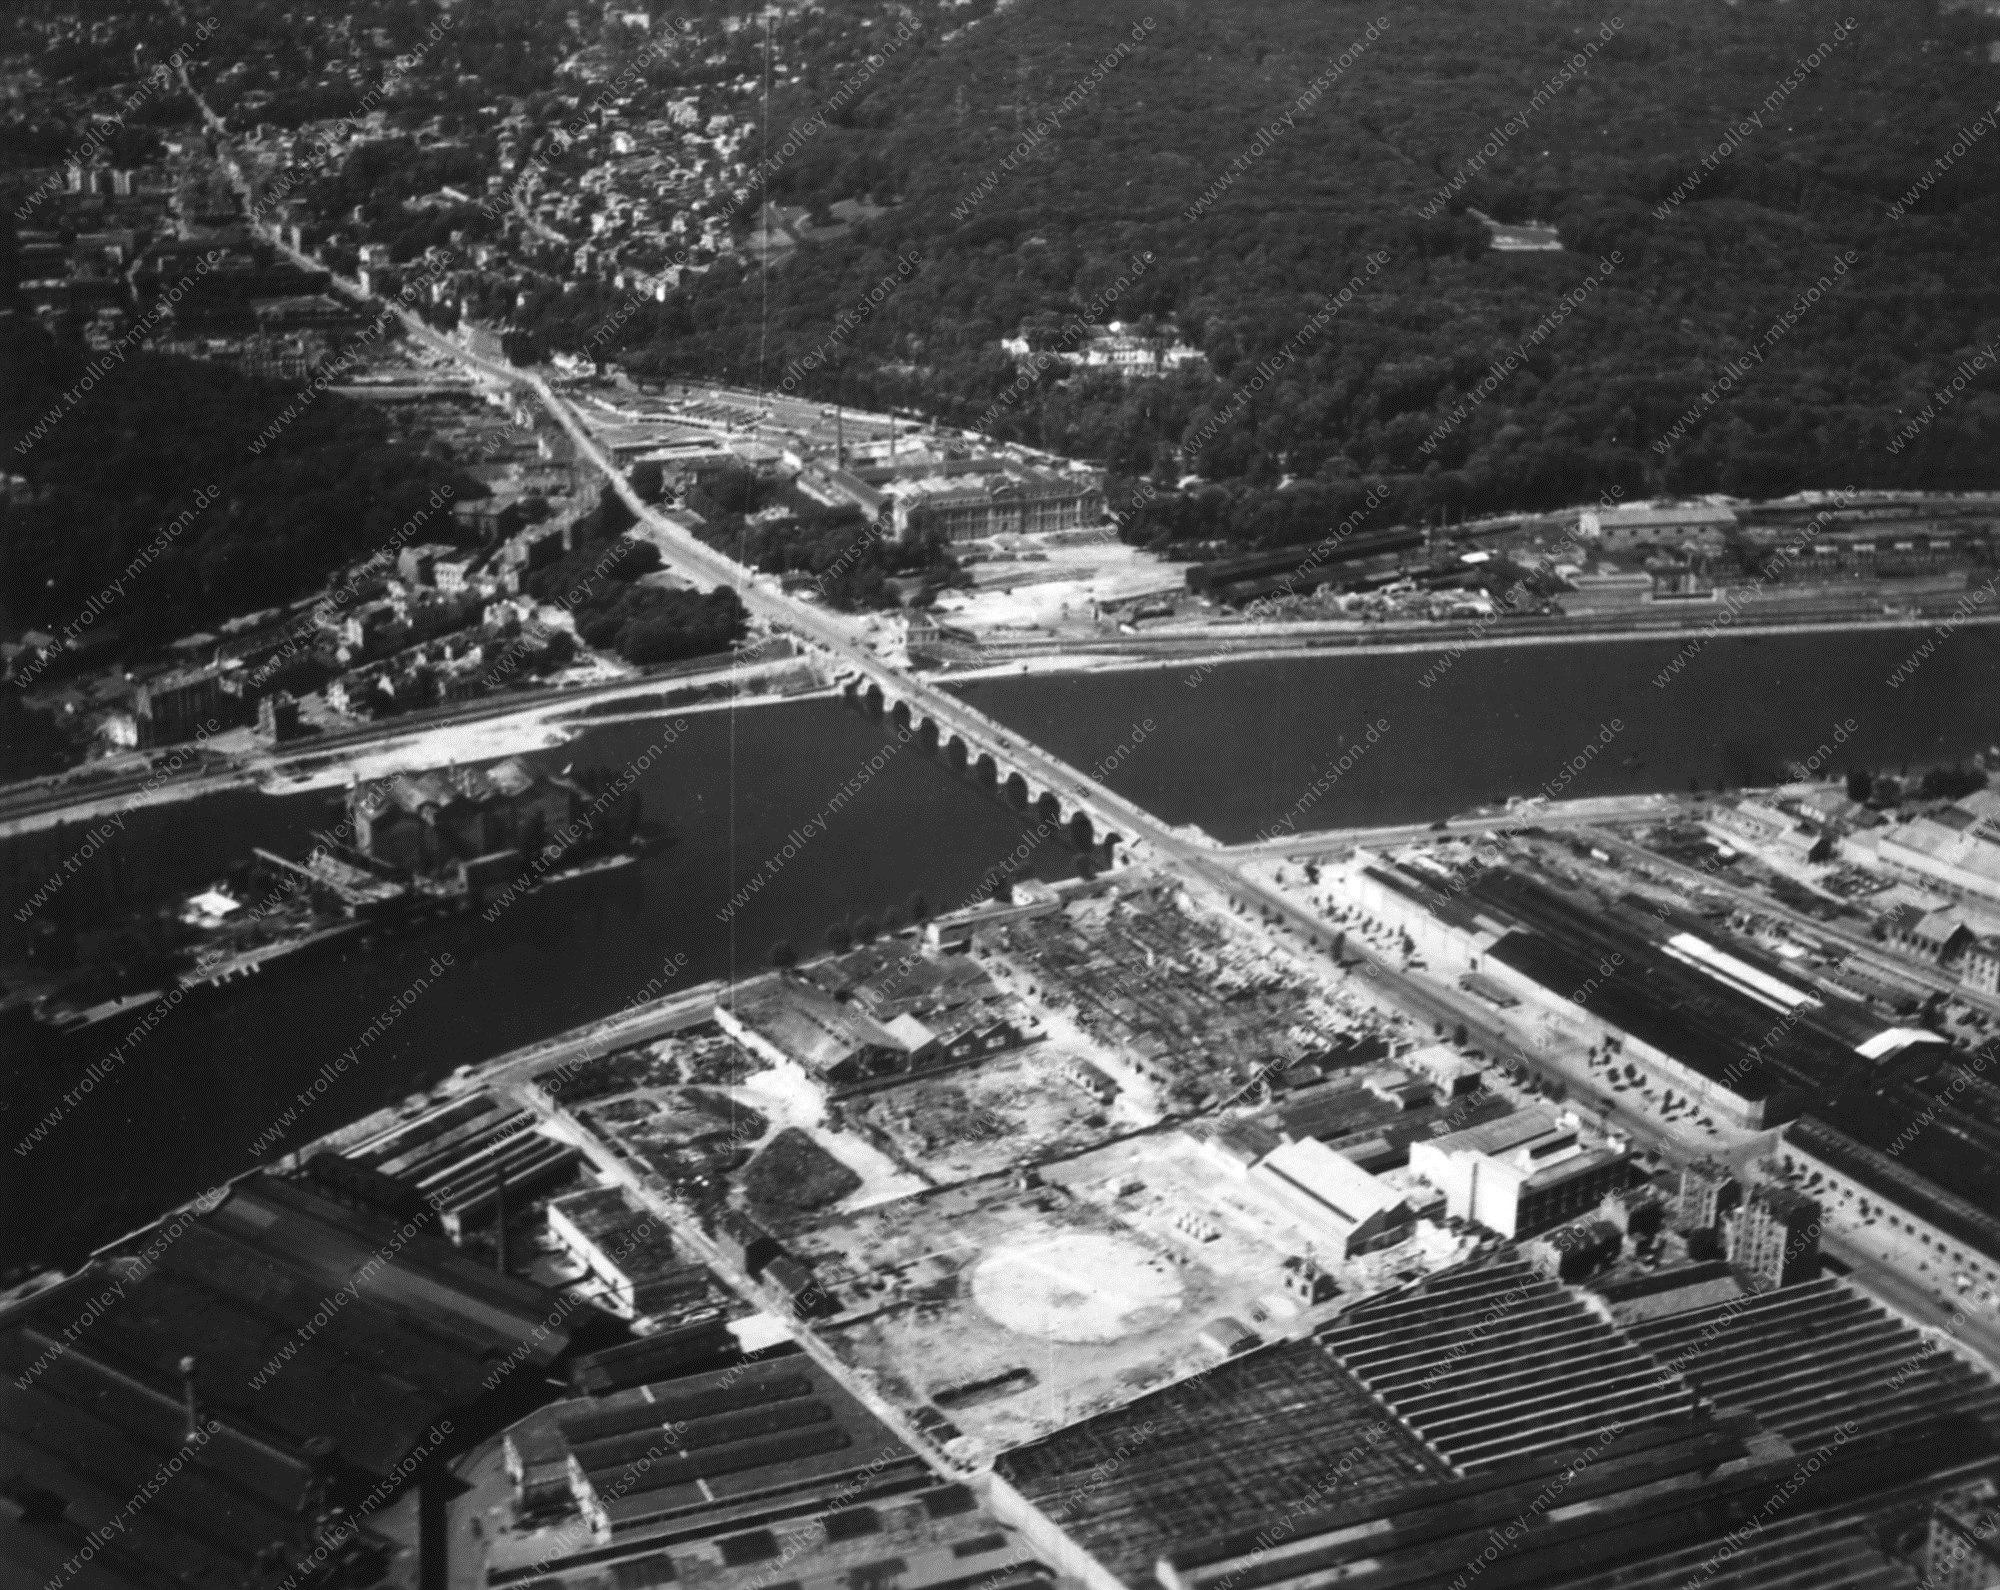 Paris Luftbild 1945 der Vororte Boulogne-Billancourt und Sèvres (Frankreich)